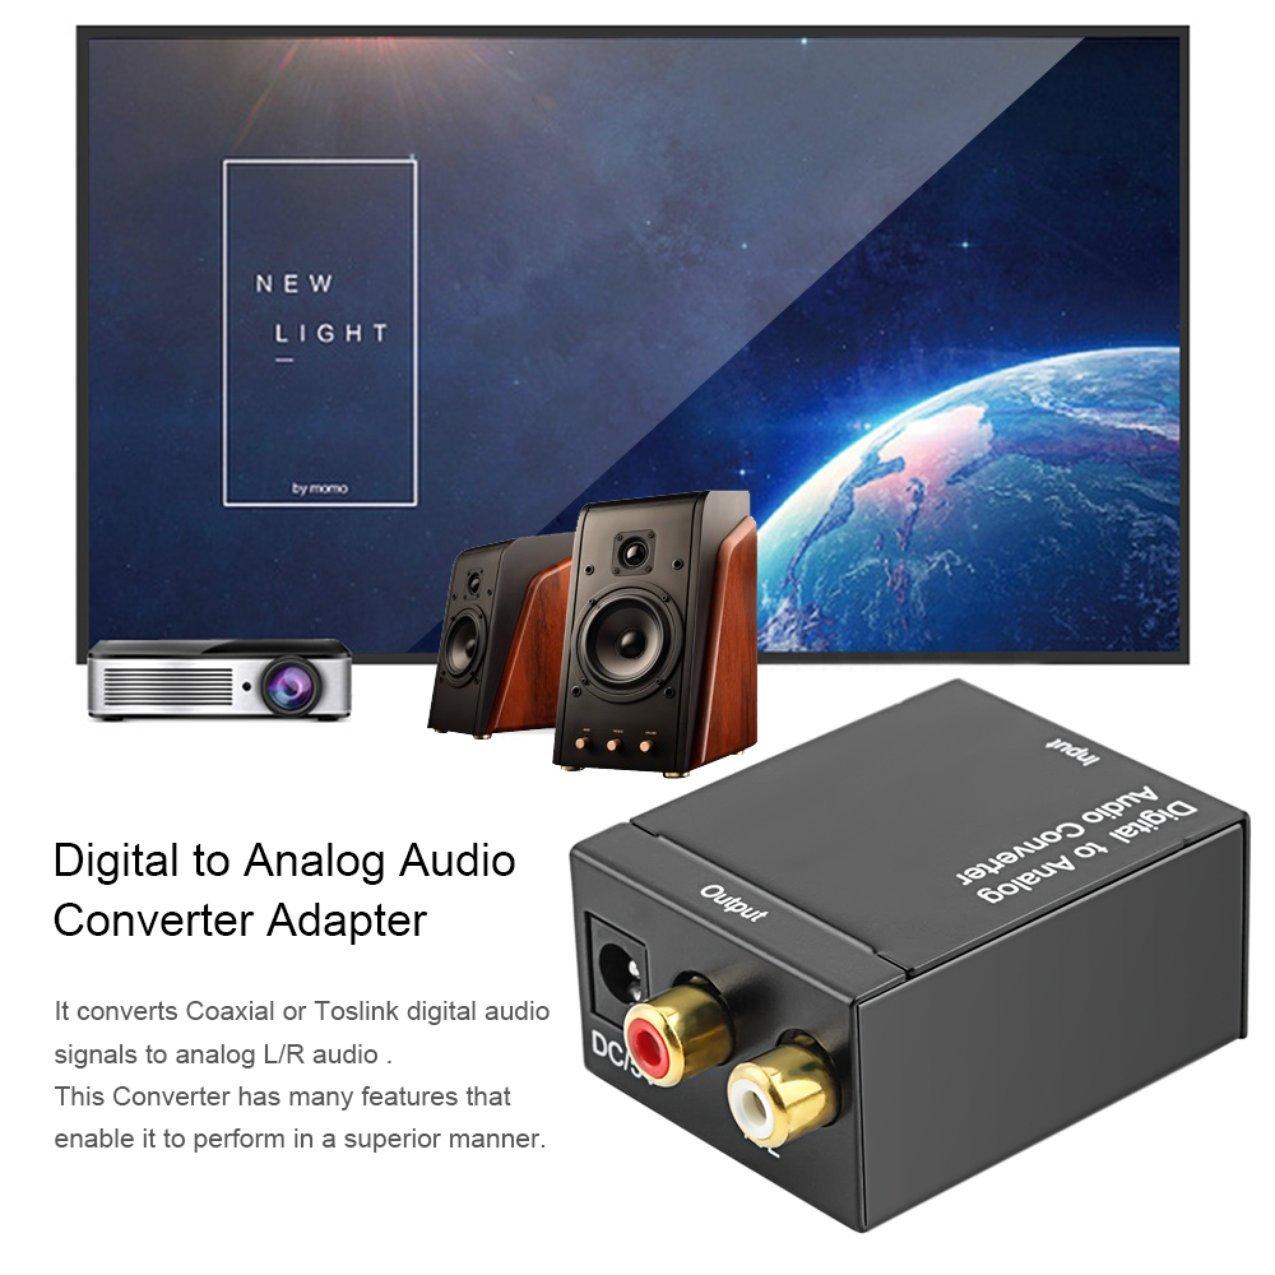 Adaptador de Señal Toslink Coaxial Digital óptico a Analógico Convertidor de Audio RCA Convertidor de Audio Digital a Analógico Negro: Amazon.es: ...